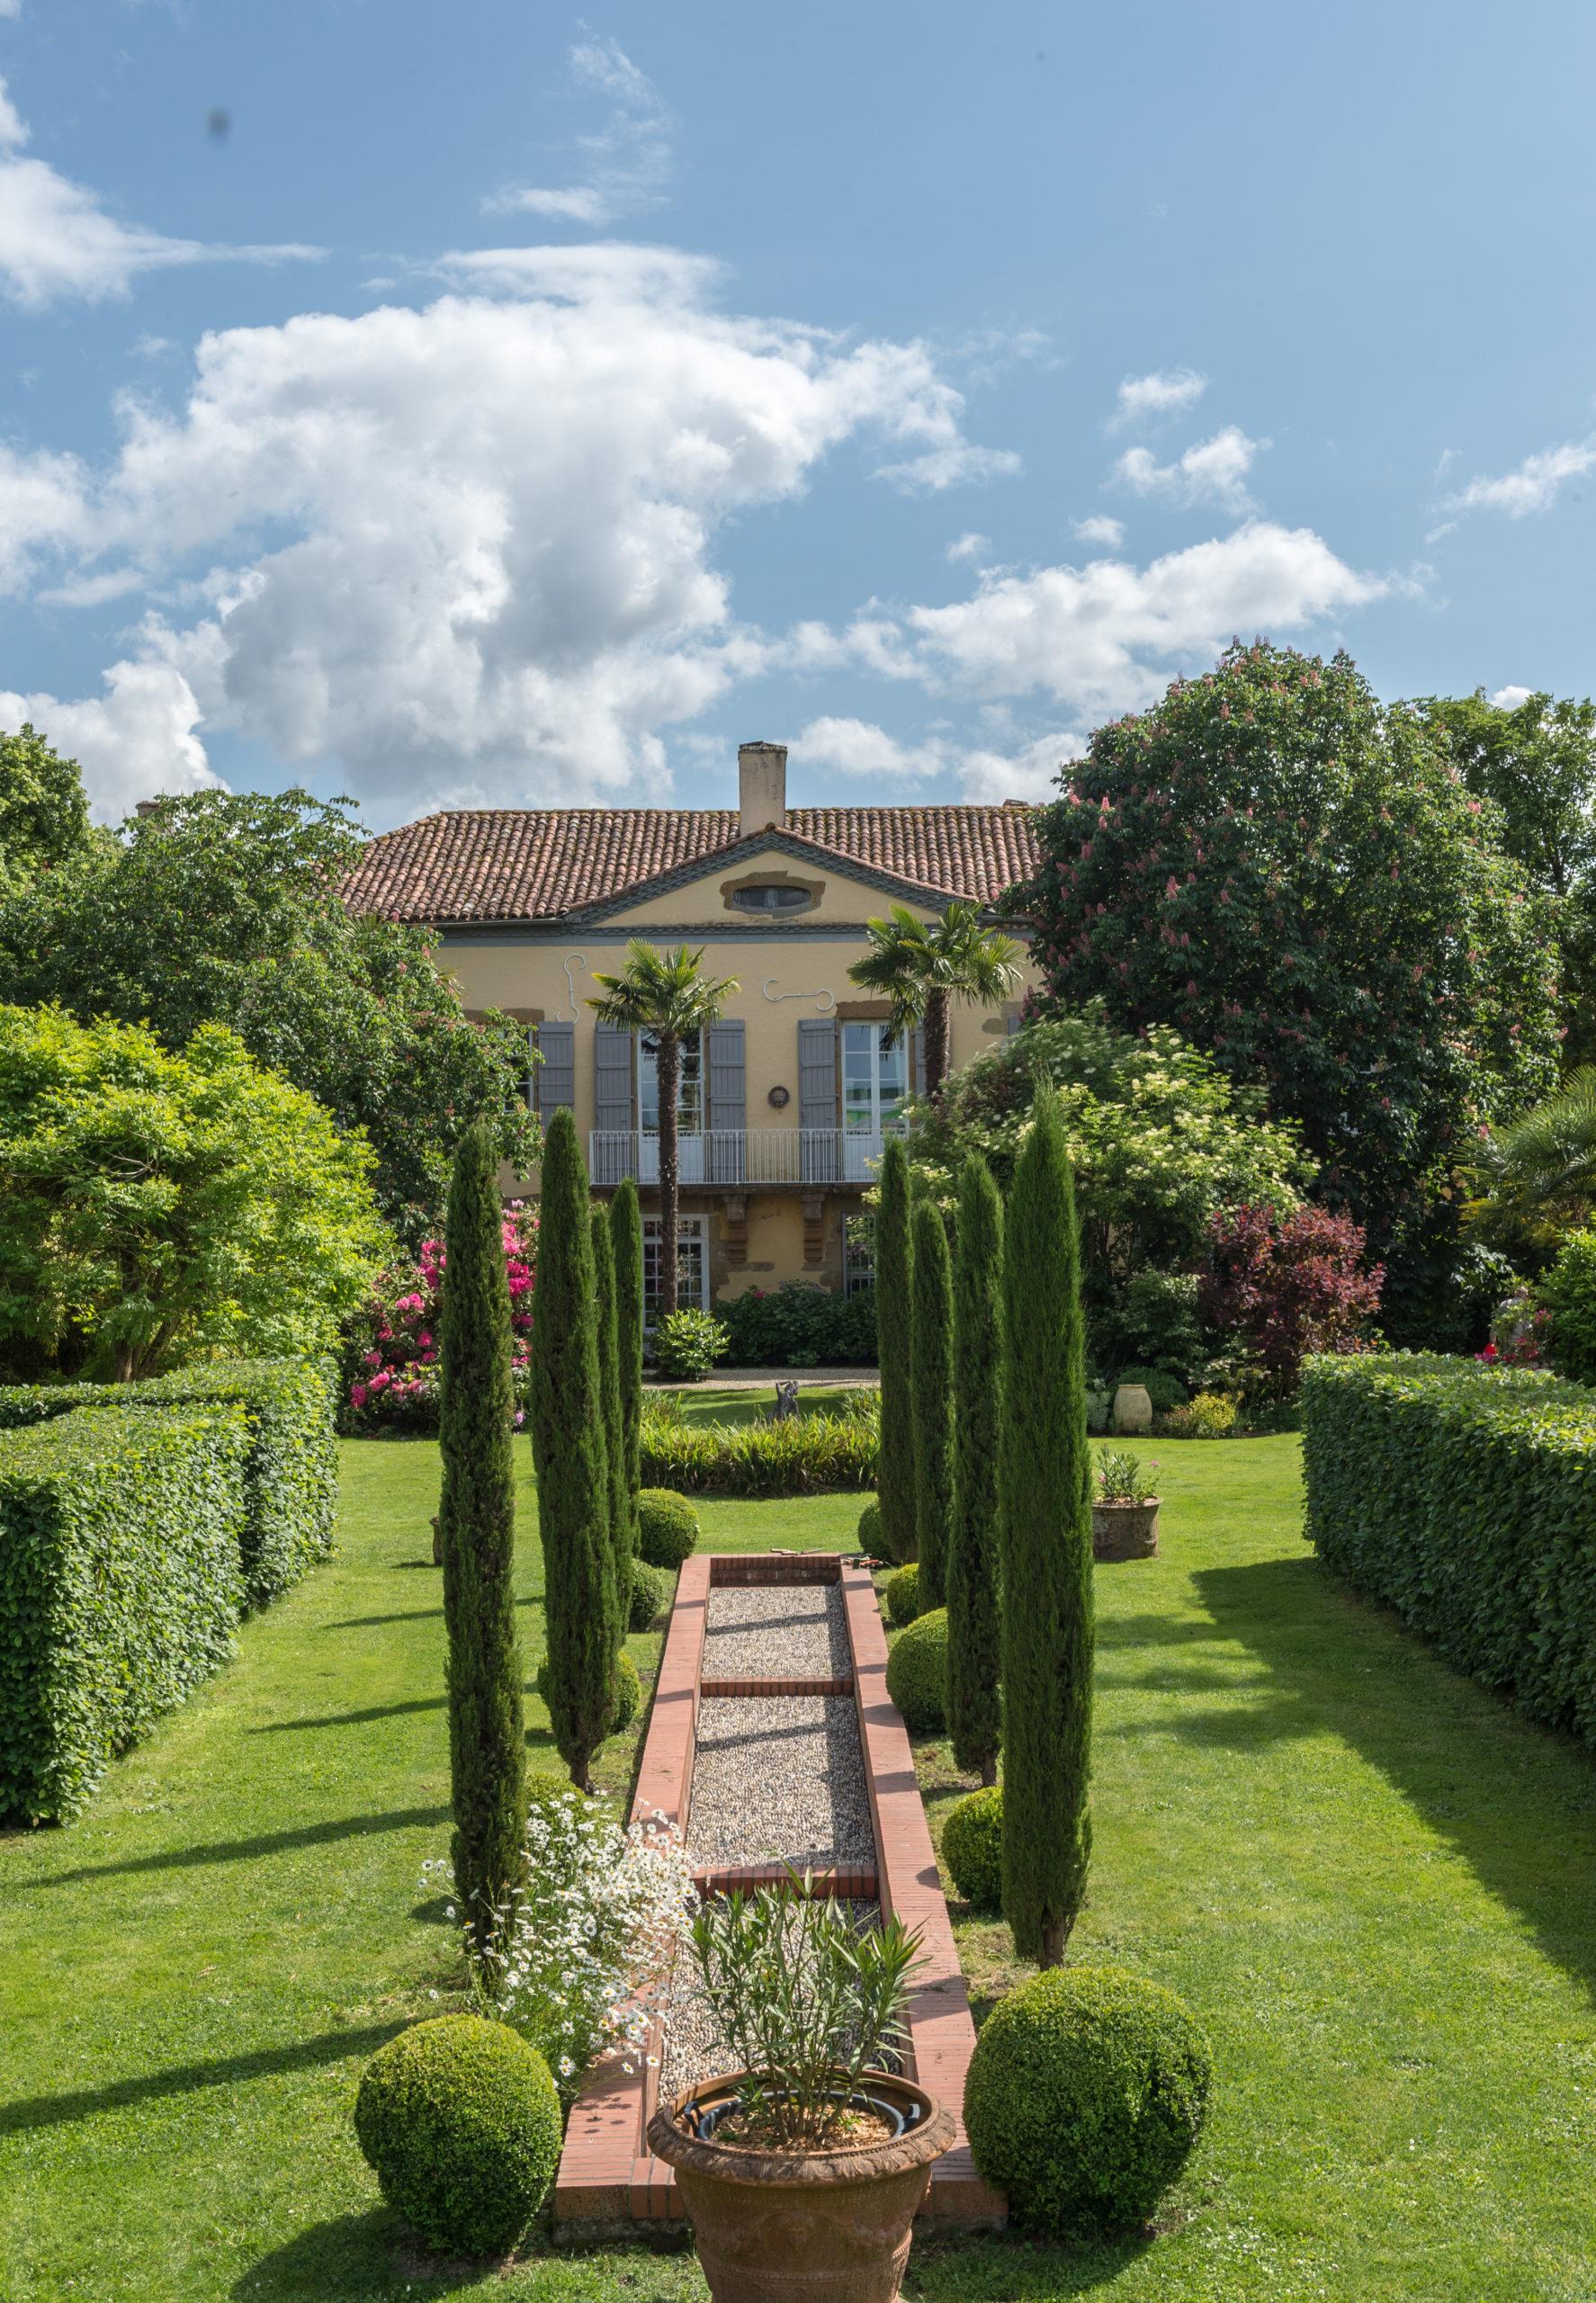 Château de Marrast et son jardin remarquable Bordères-et-Lamensans